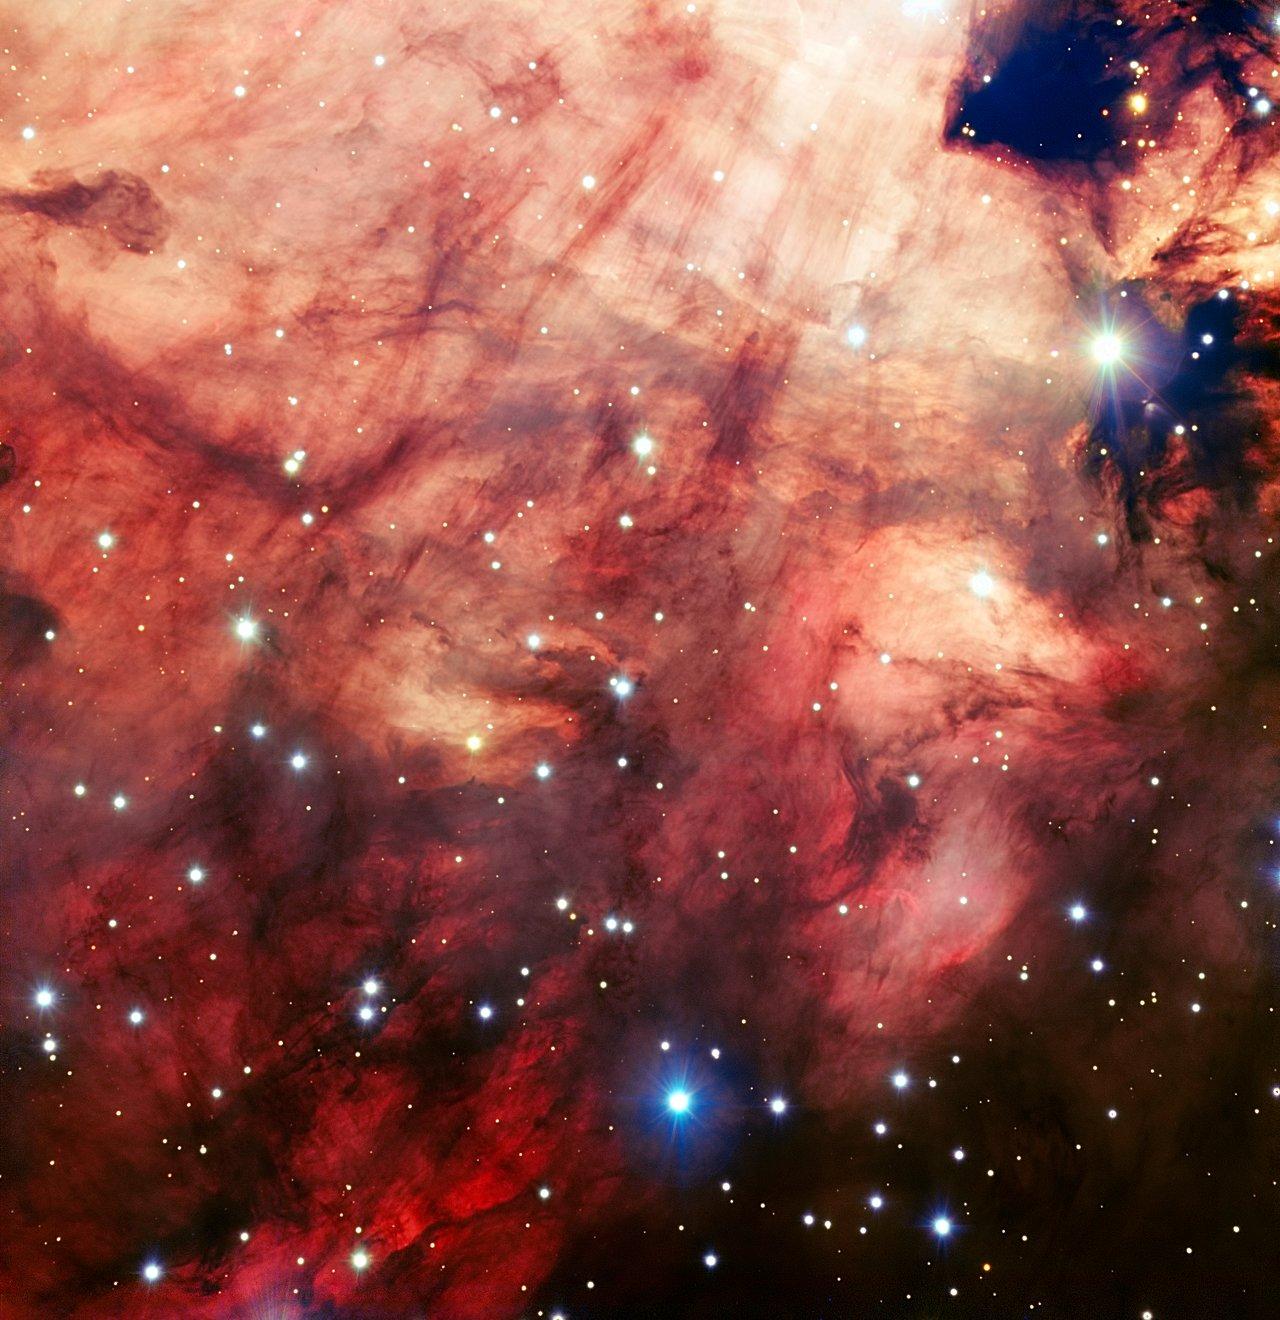 O núcleo rosa e esfumaçado da Nebulosa Ómega